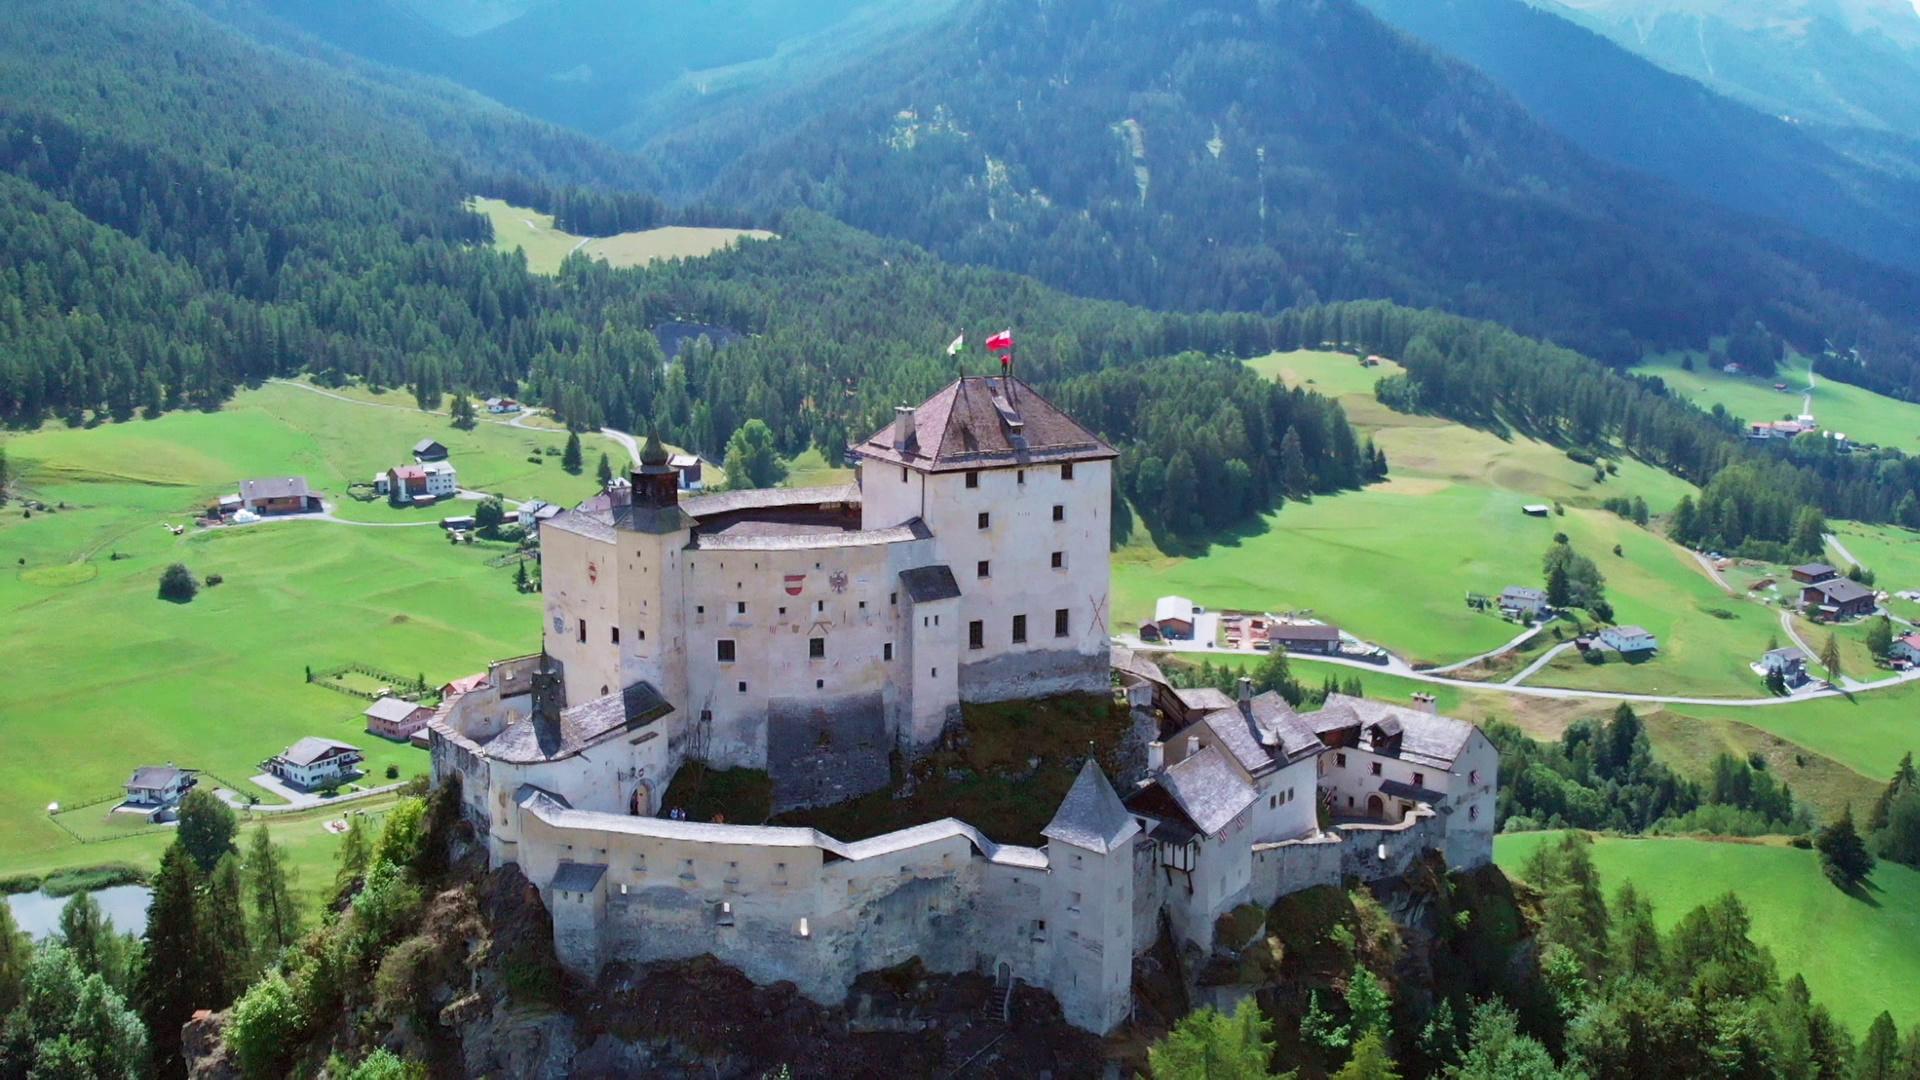 Das Schloss Tarasp im schweizerischen Kanton Graubünden.   © ZDF/SRF/B&B Endemol Shine